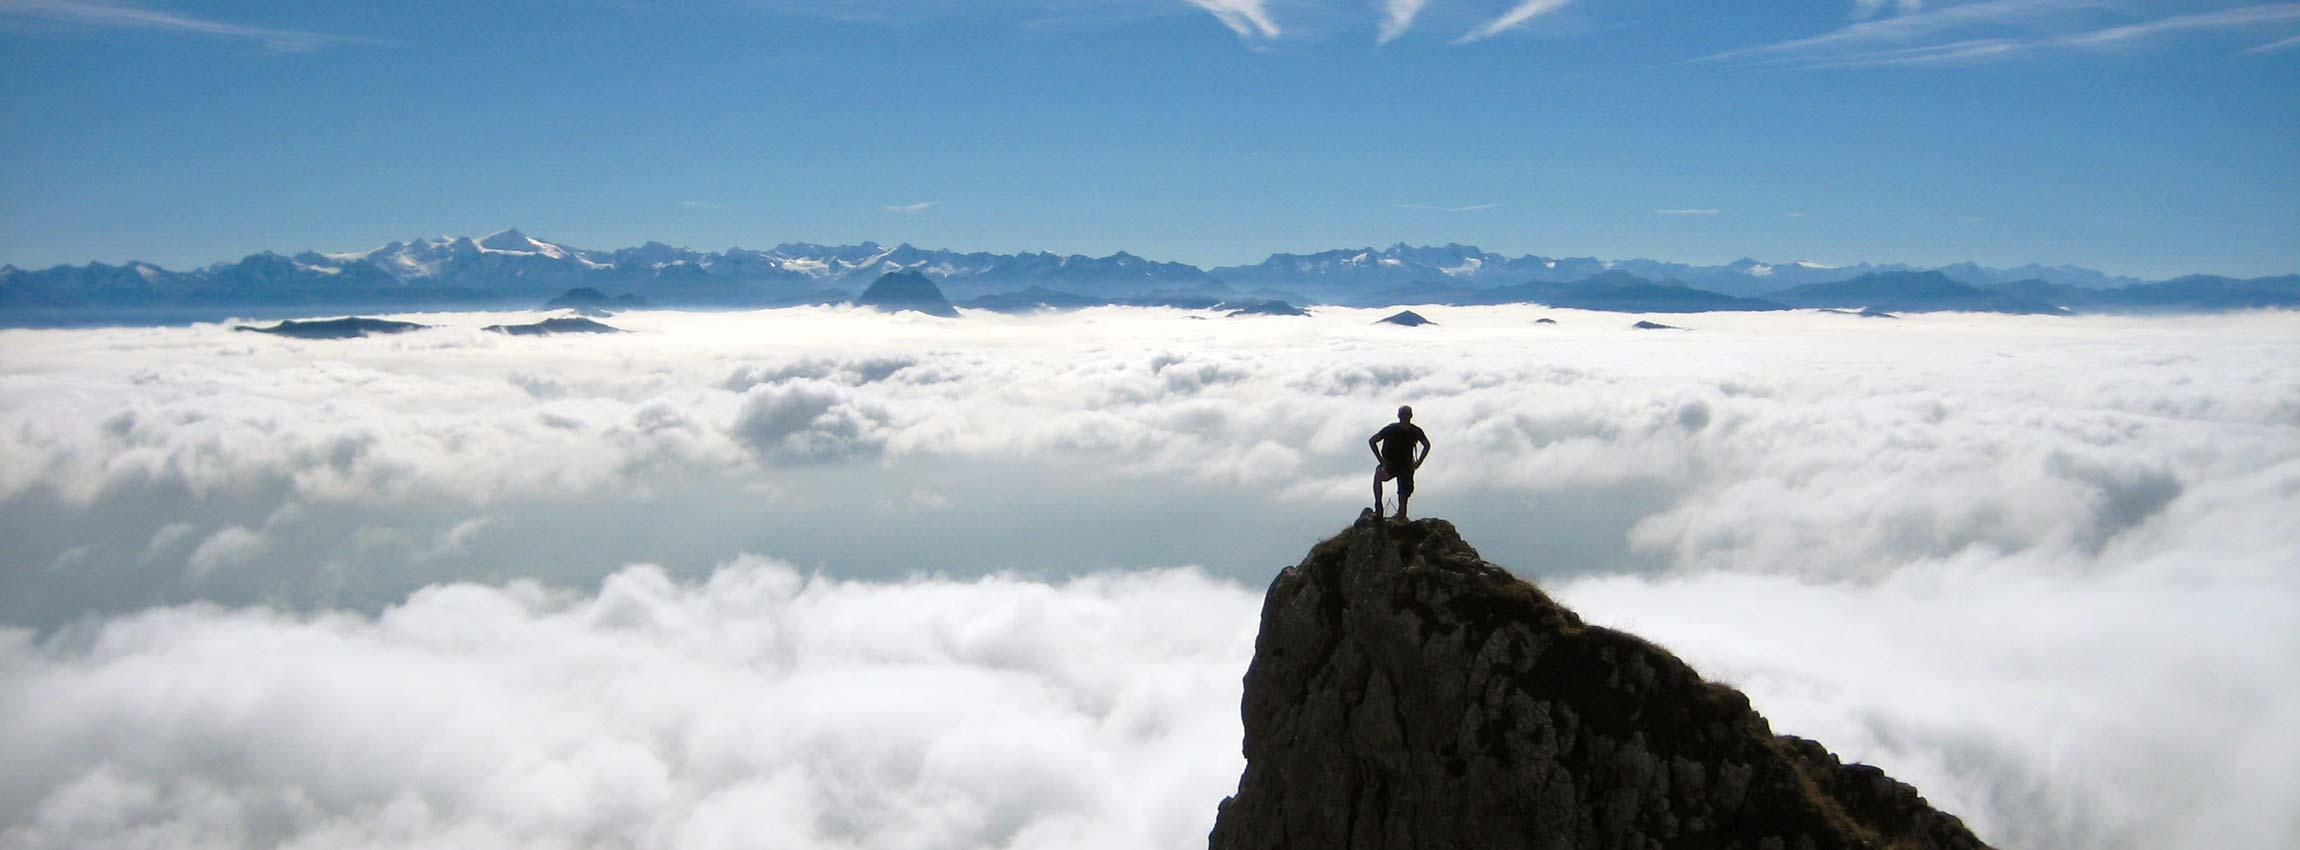 Bergsportrecht Anwalt in Bad Aibling